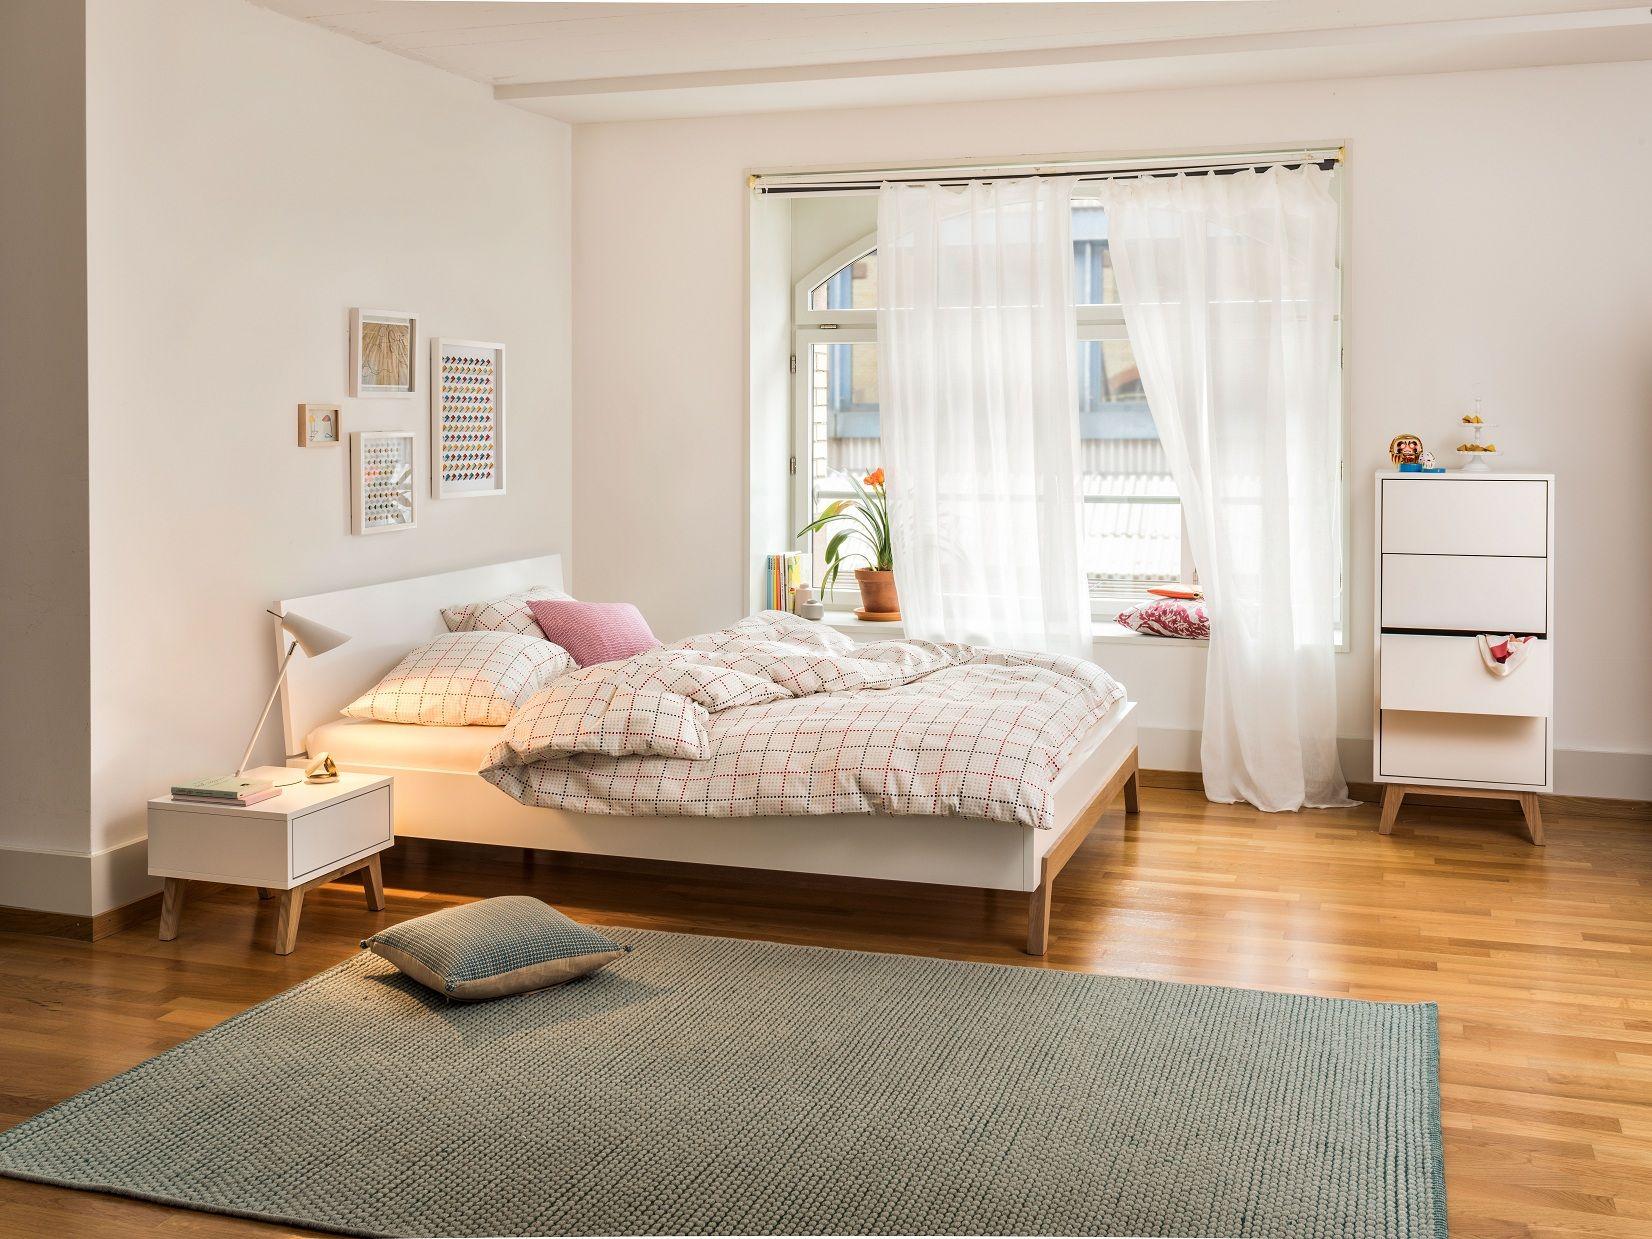 micasa schlafzimmer mit bett verschiedene gr ssen erh ltlich nachttisch und kommode aus dem. Black Bedroom Furniture Sets. Home Design Ideas